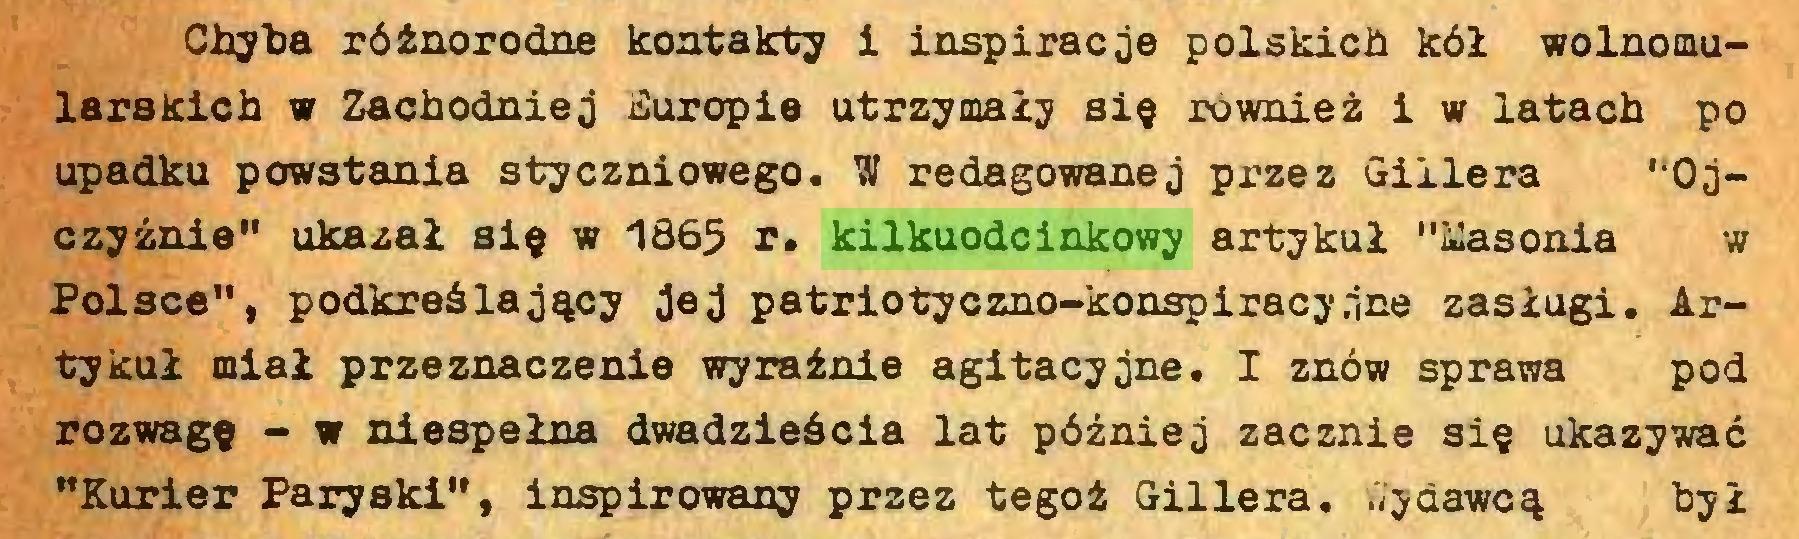 """(...) Chyba różnorodne kontakty i inspiracje polskich kół wolnomularskich w Zachodniej Suropie utrzymały się również i w latach po upadku powstania styczniowego. W redagowanej przez Gillera '•Ojczyźnie"""" ukazał się w 1865 r. kilkuodcinkowy artykuł """"Masonia w Polsce"""", podkreślający jej patriotyczno-konspiracyjne zasługi. Artykuł miał przeznaczenie wyraźnie agitacyjne. I znów sprawa pod rozwagę - w niespełna dwadzieścia lat później zacznie się ukazywać """"Kurier Paryski"""", inspirowany przez tegoż Gillera. Wydawcą był..."""